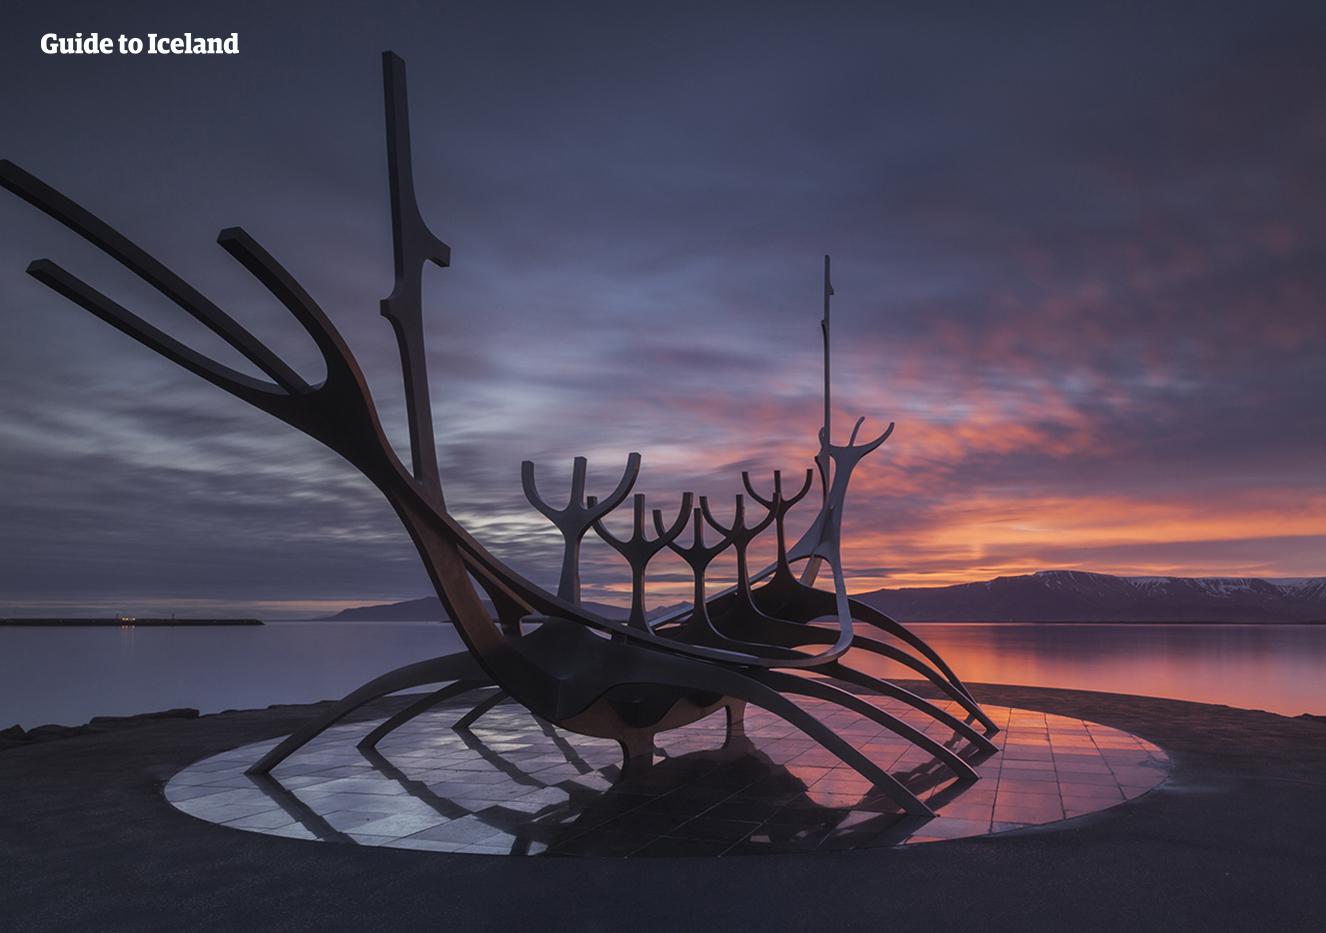 Reykjavík barst van de kunst en sculpturen; de Zonnevaarder is de bekendste.